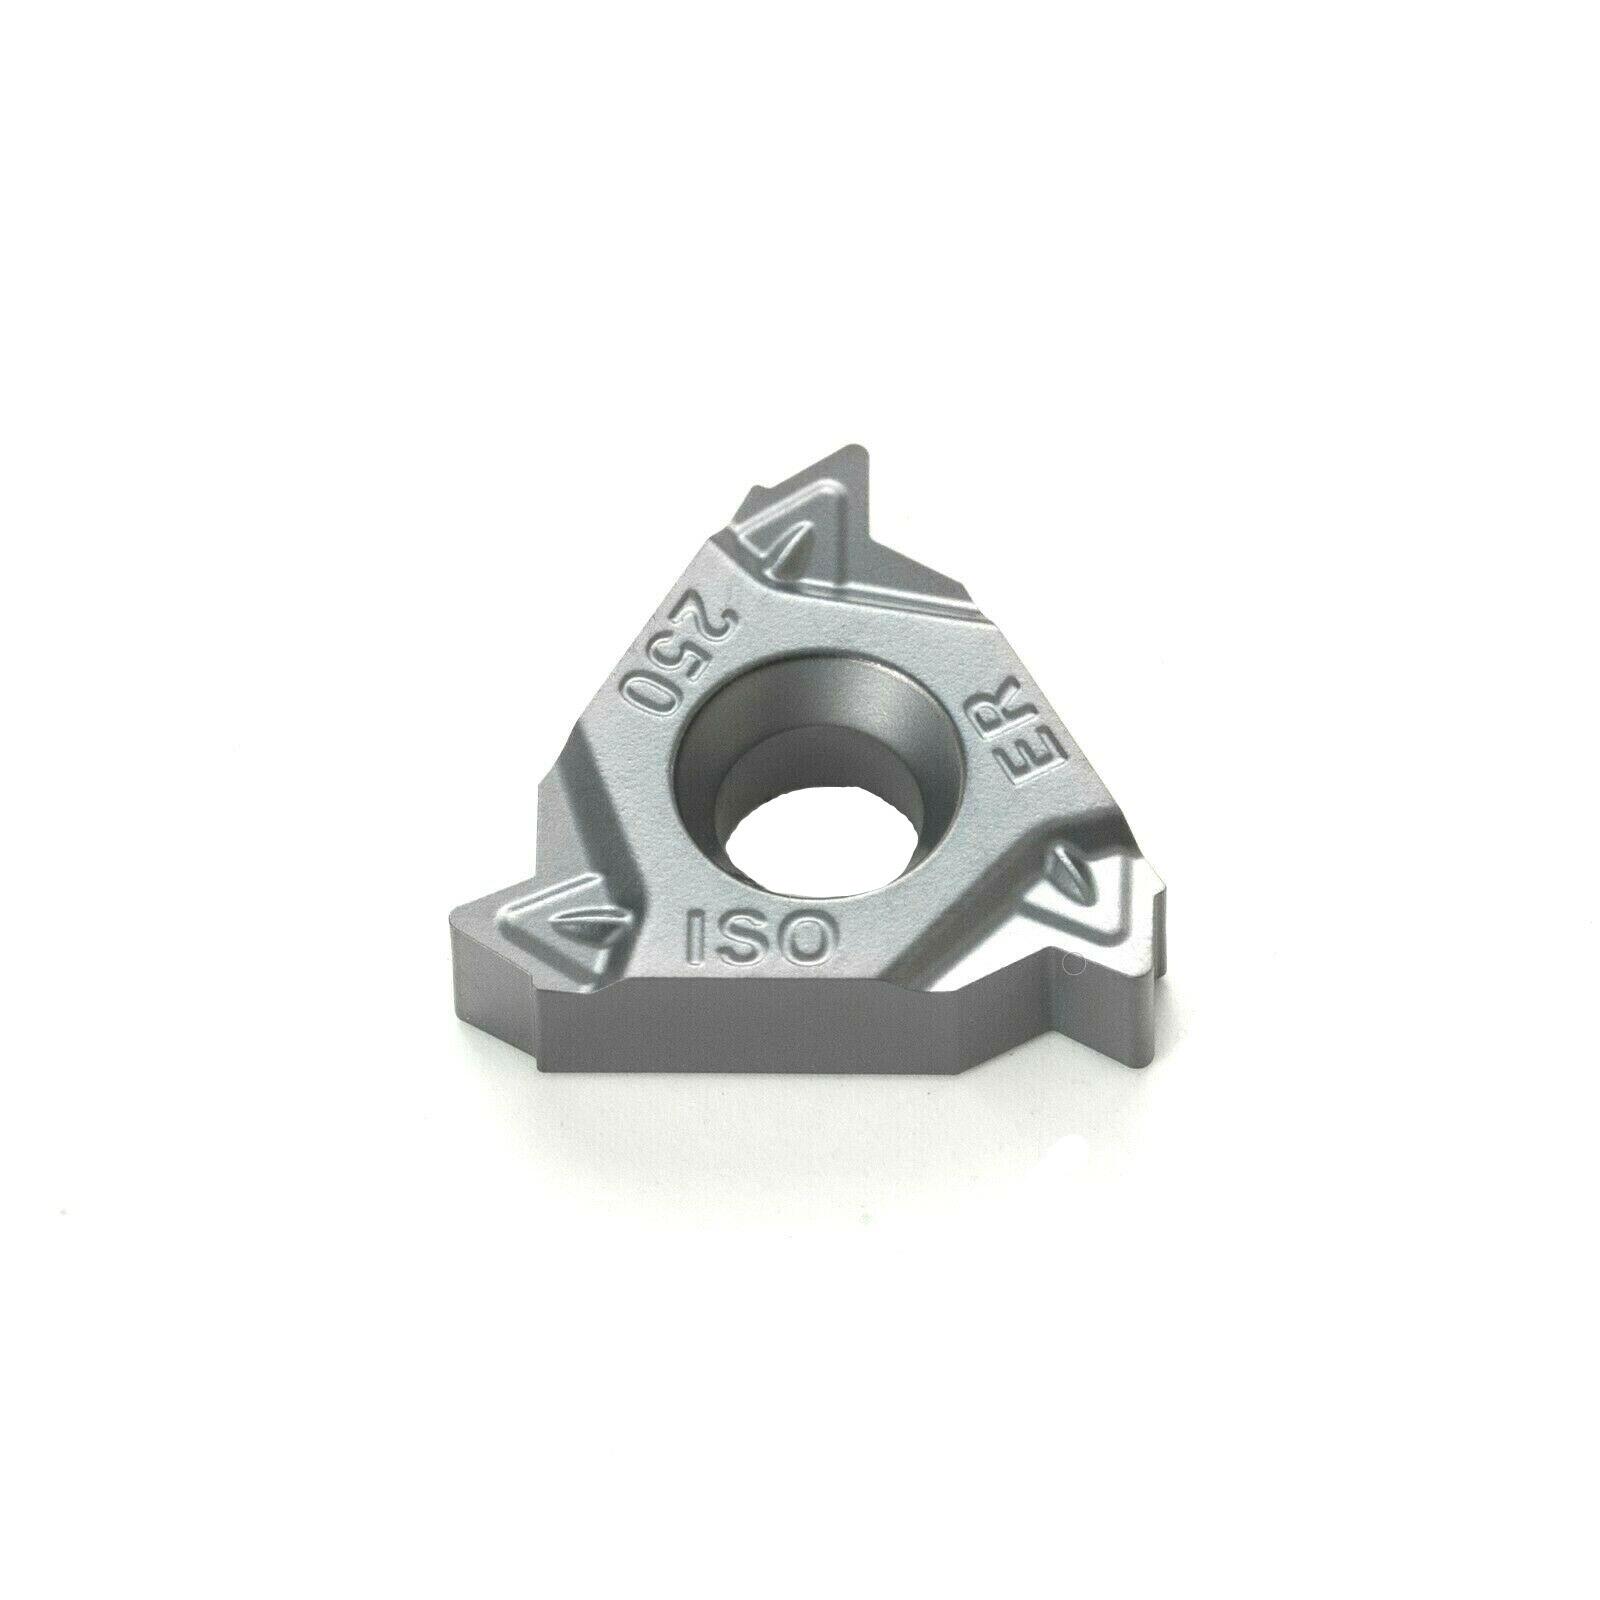 Gewindeplatte 16IR-V-ISO 60° - Vollprofil